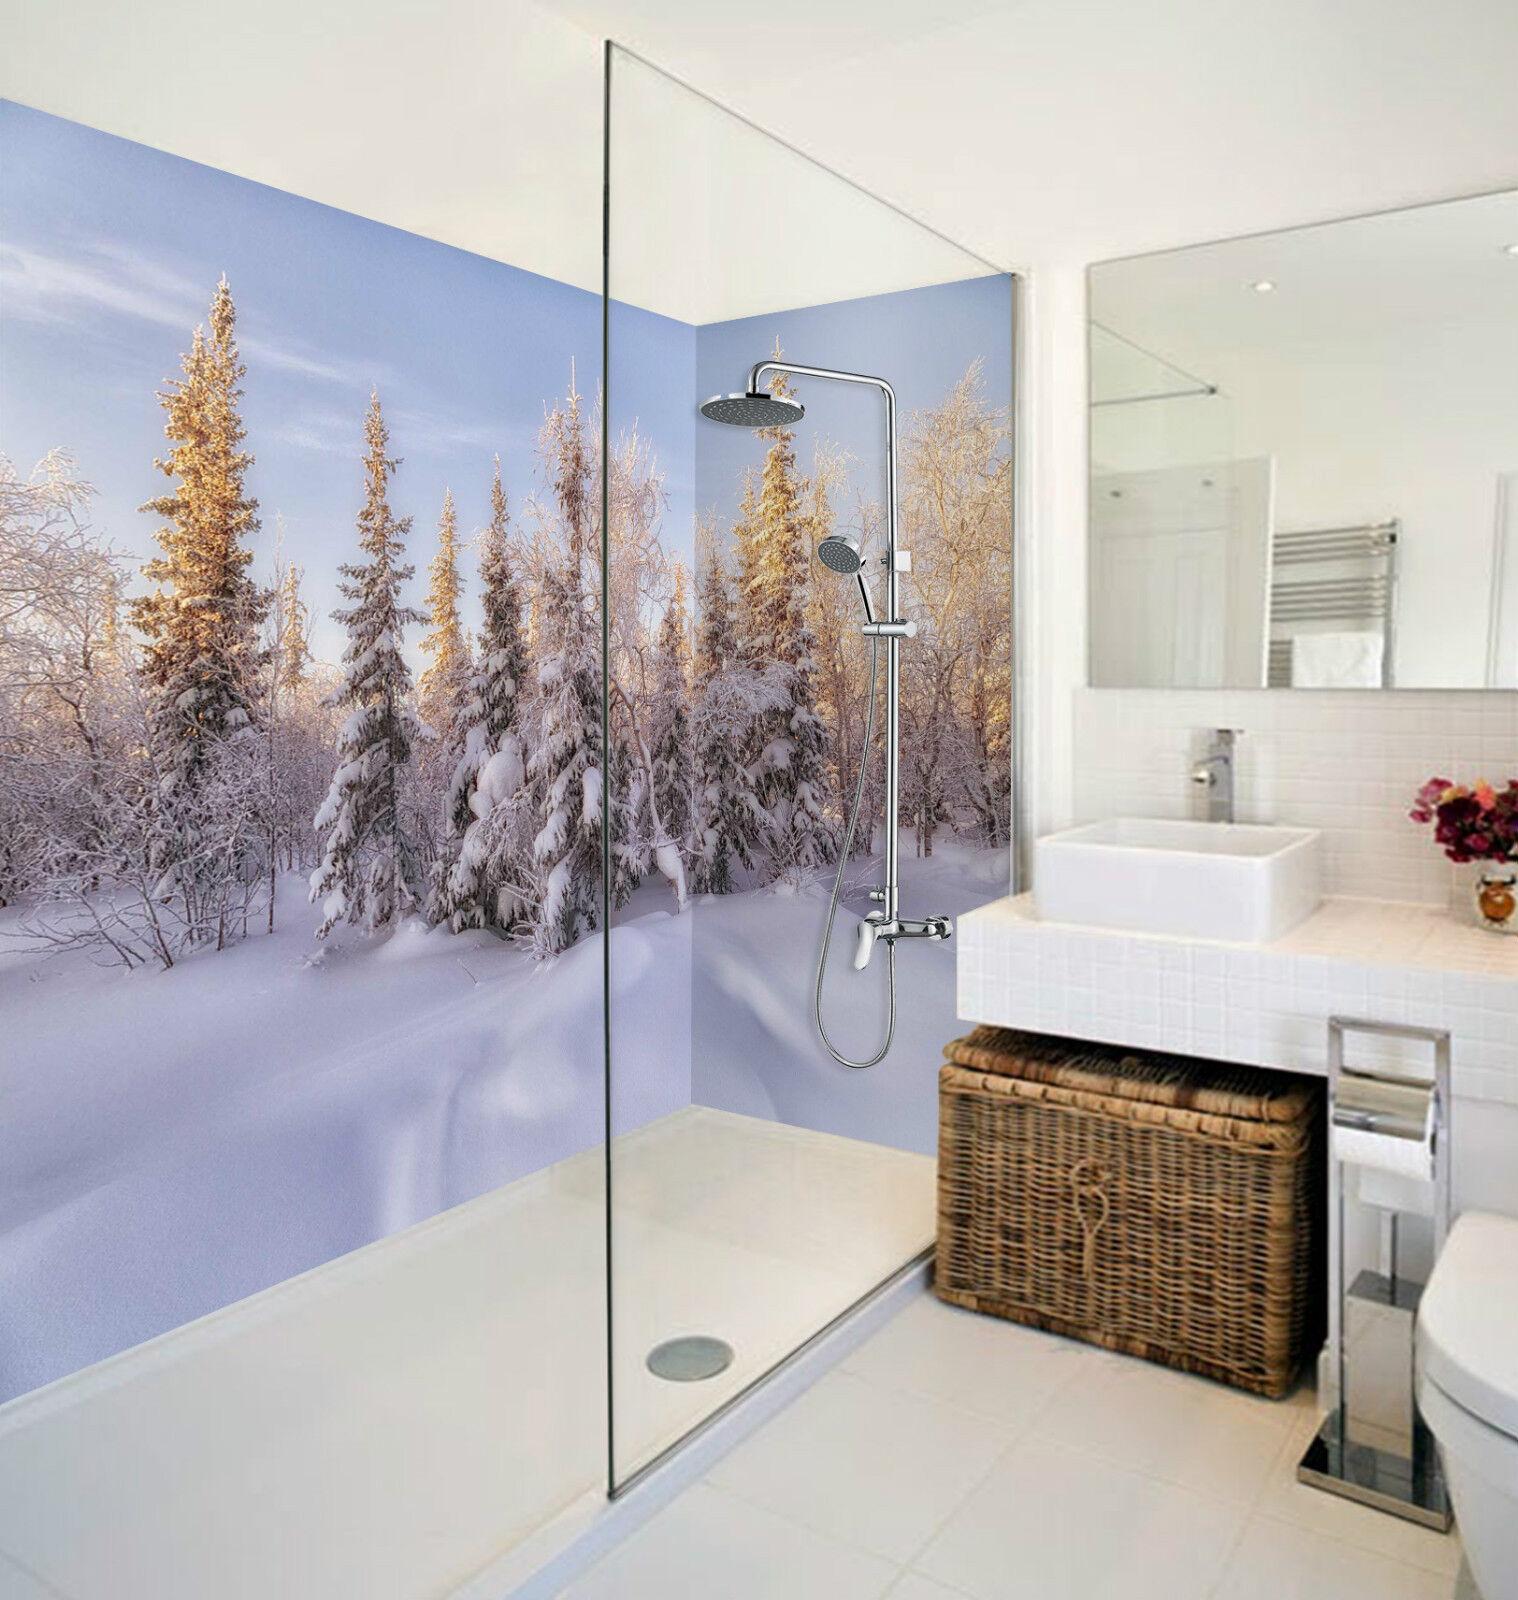 3D Snow Forest 050 WallPaper Bathroom Print Decal Wall Deco AJ WALLPAPER CA